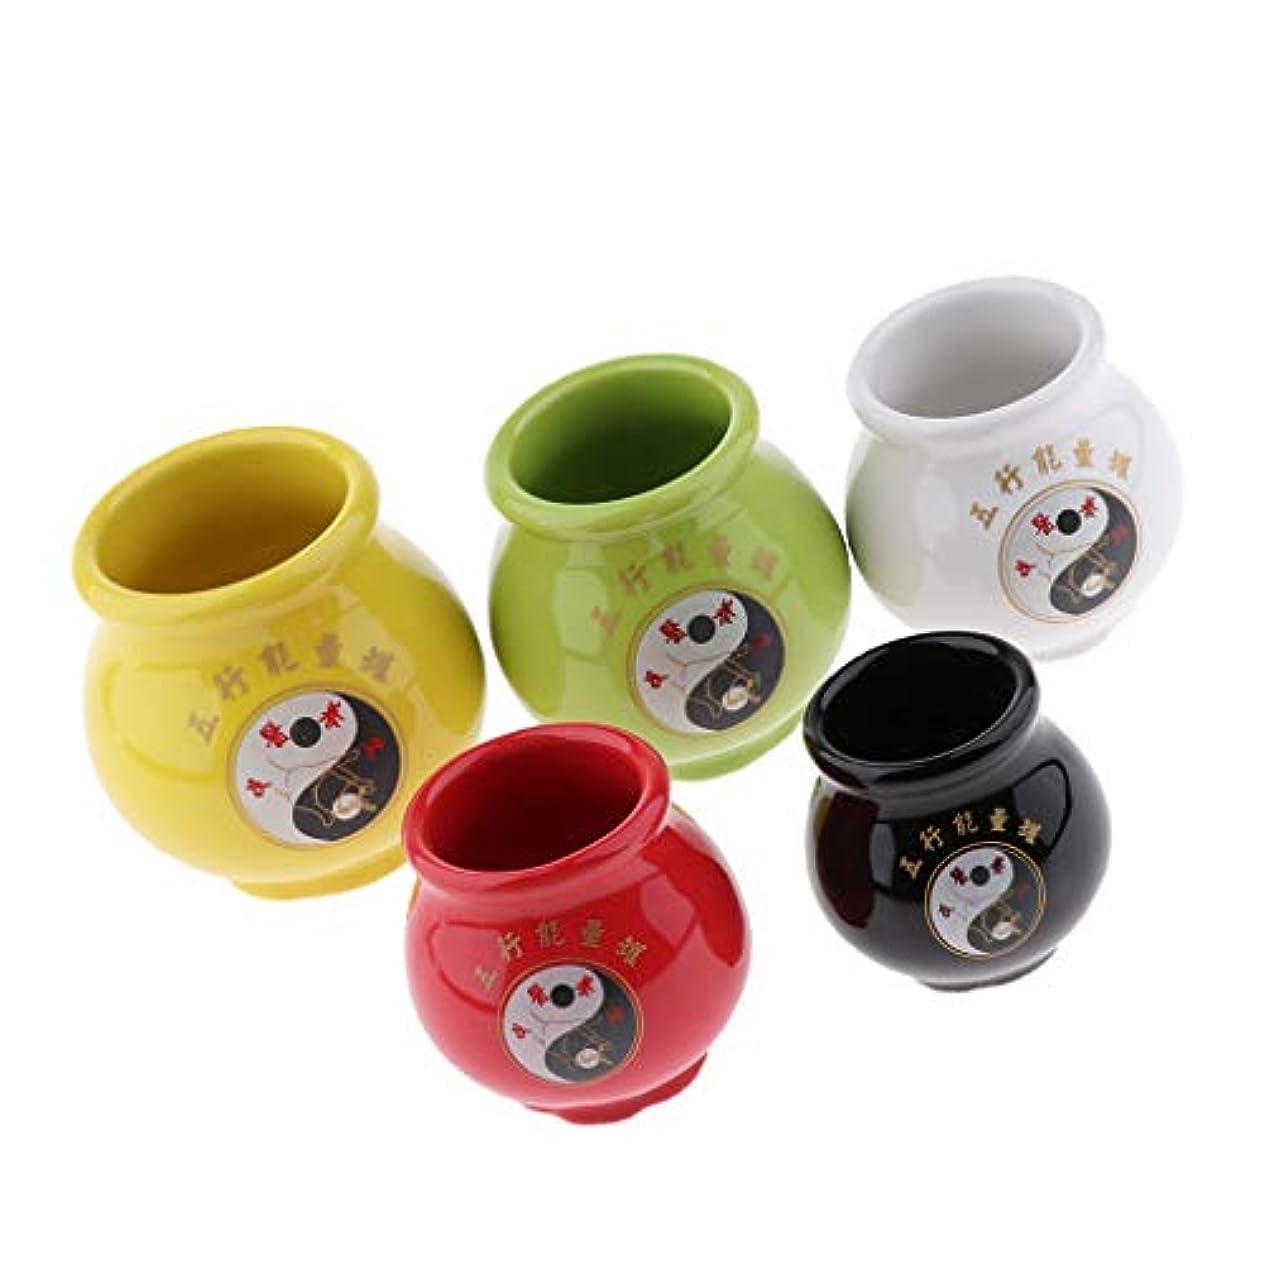 確保する太字運命的な5個 吸い玉カップ カッピングカップ セラミック製カッピング 真空 健康ケア 男女兼用 実用的